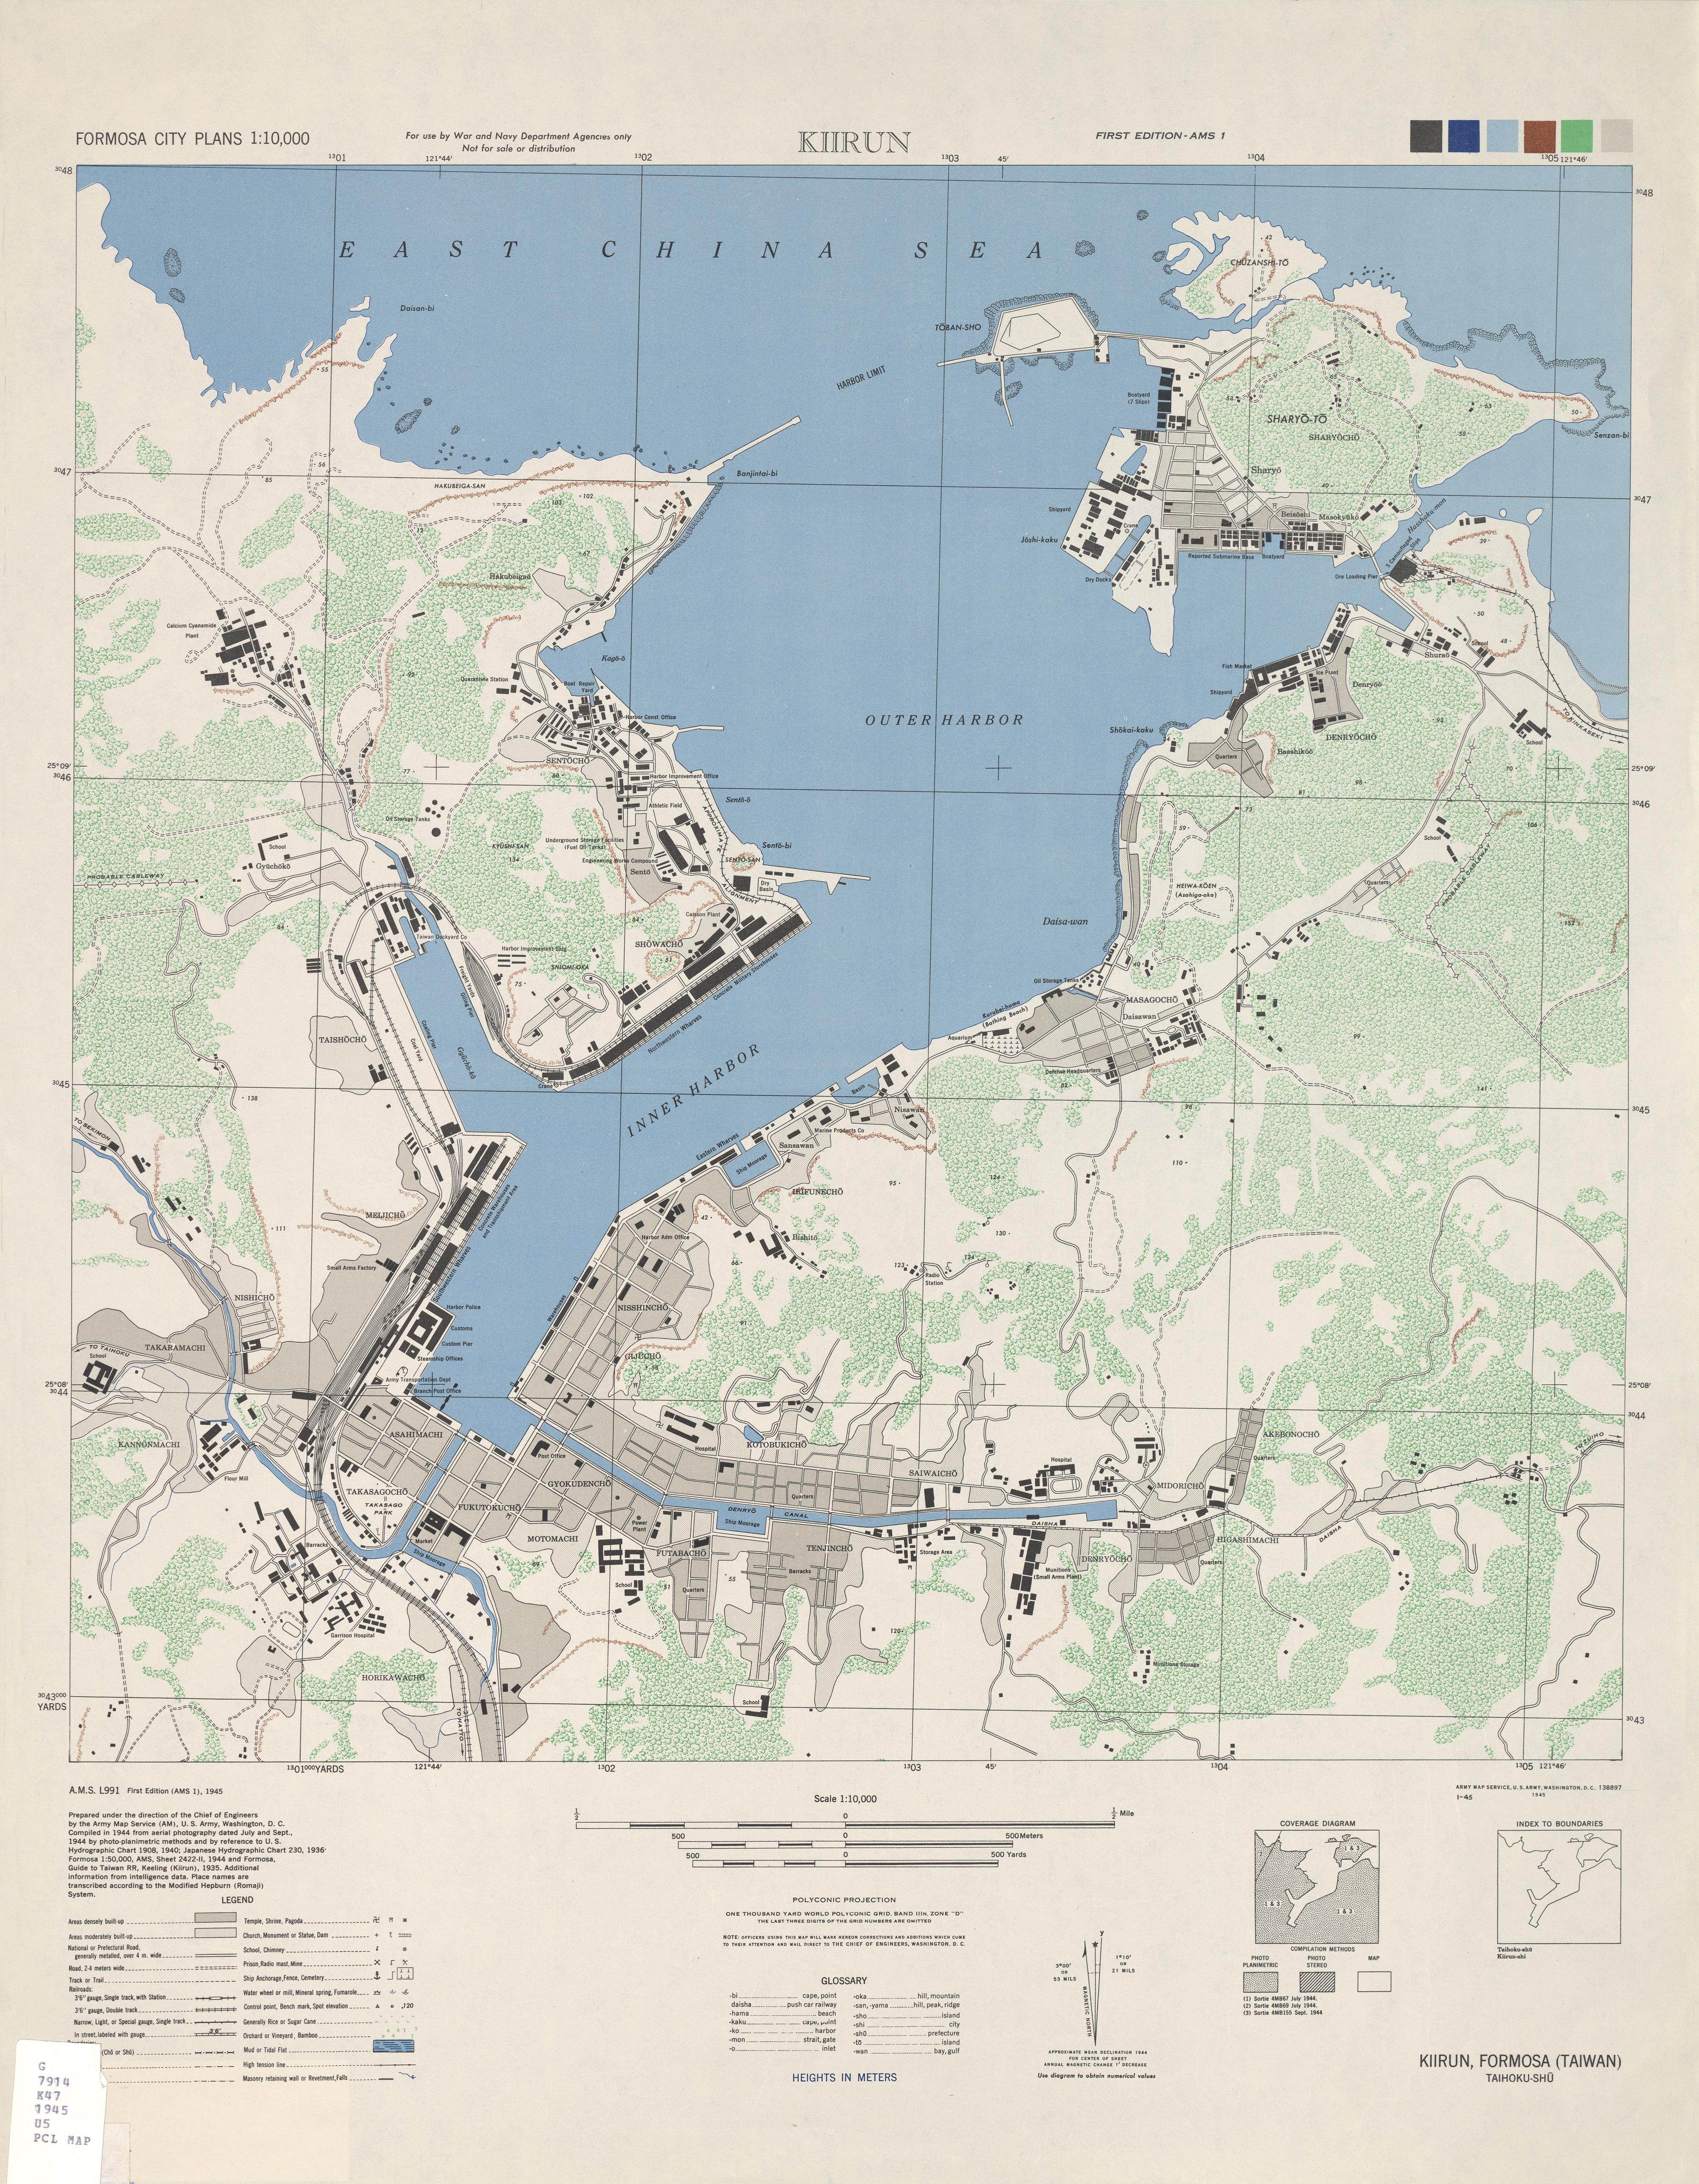 http://www.lib.utexas.edu/maps/ams/formosa_city_plans/txu-oclc-6594929.jpg